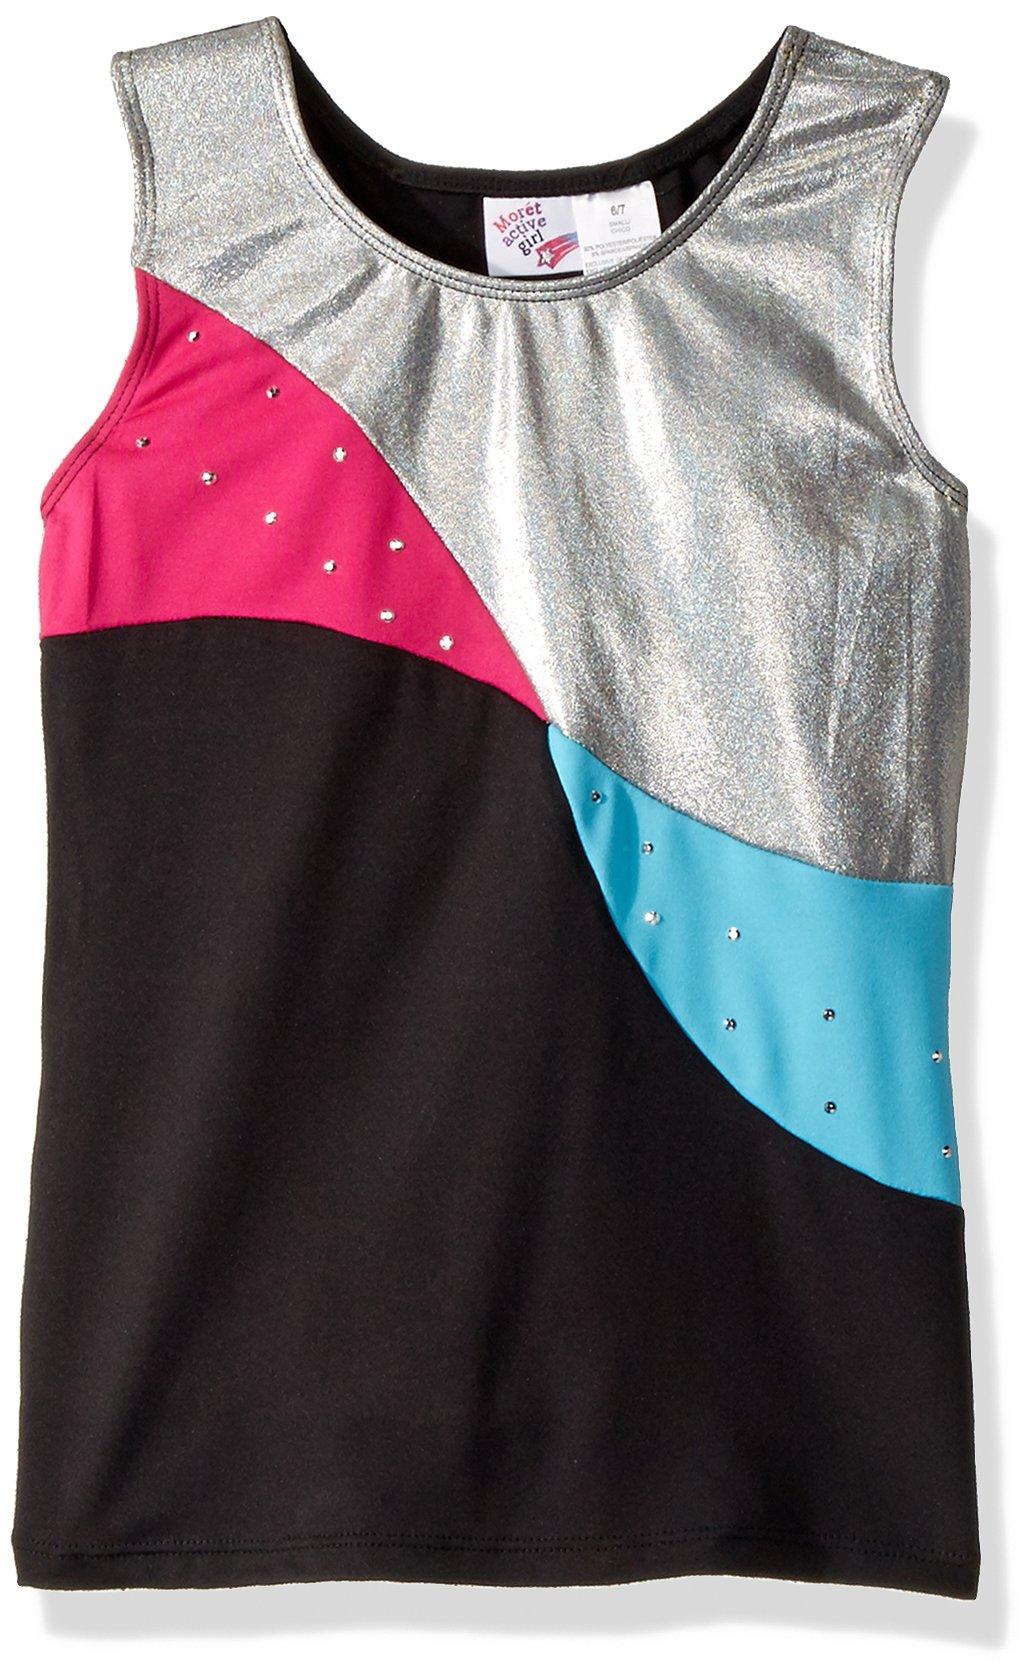 Jacques Moret Big Girls' Gymanstics Tank Top, Shiny Gymnastics Color Block, M